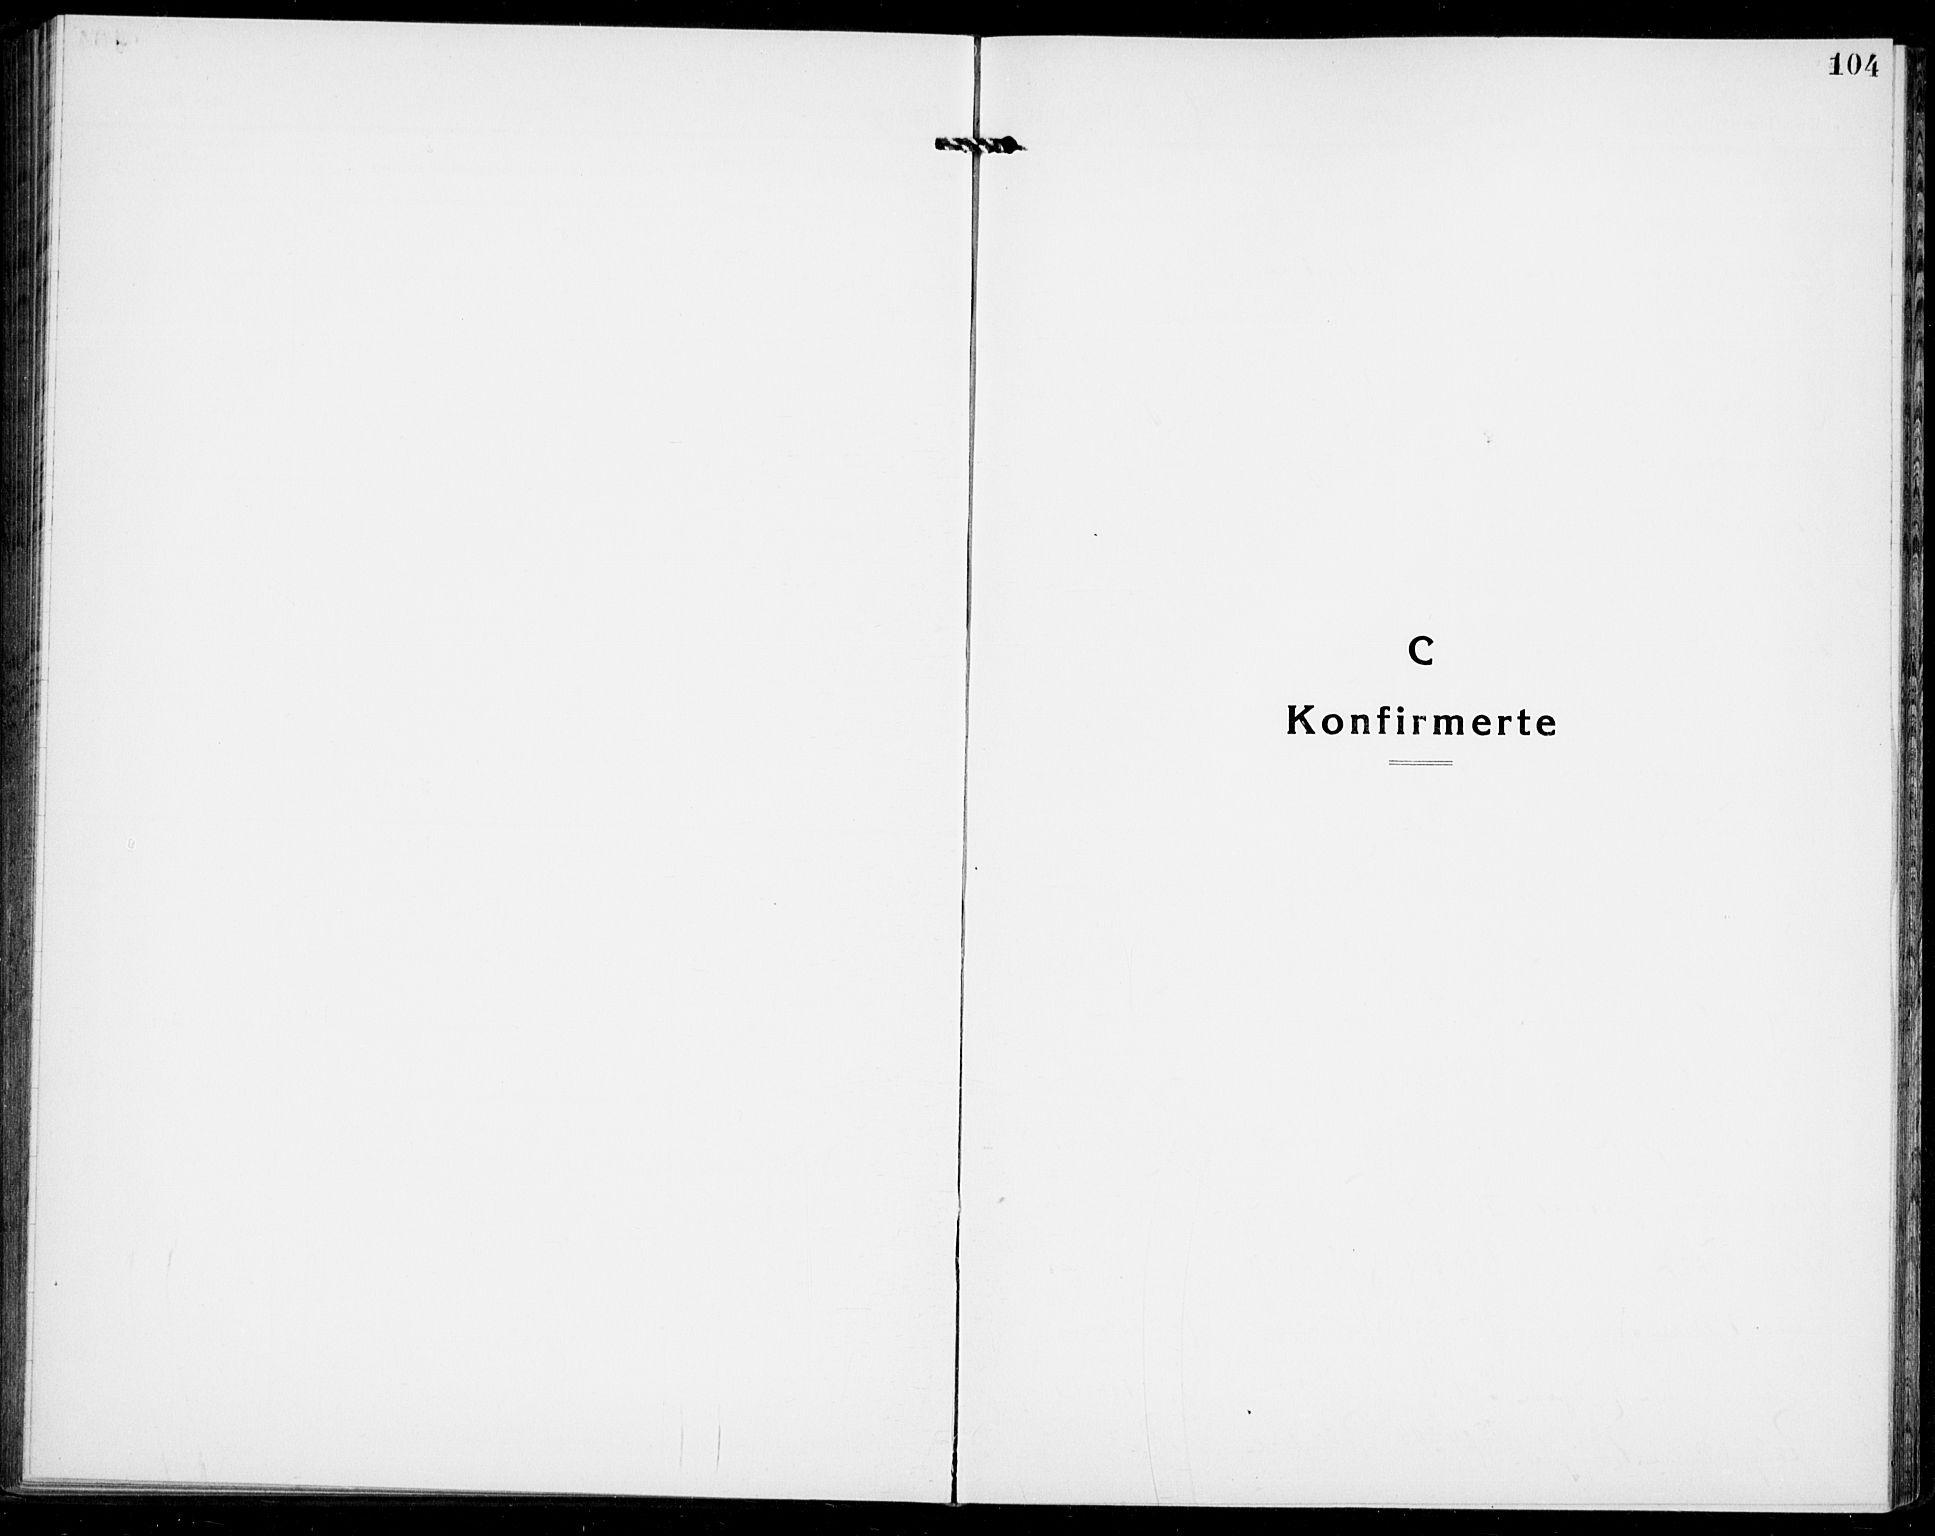 SAKO, Modum kirkebøker, G/Ga/L0012: Klokkerbok nr. I 12, 1923-1933, s. 104